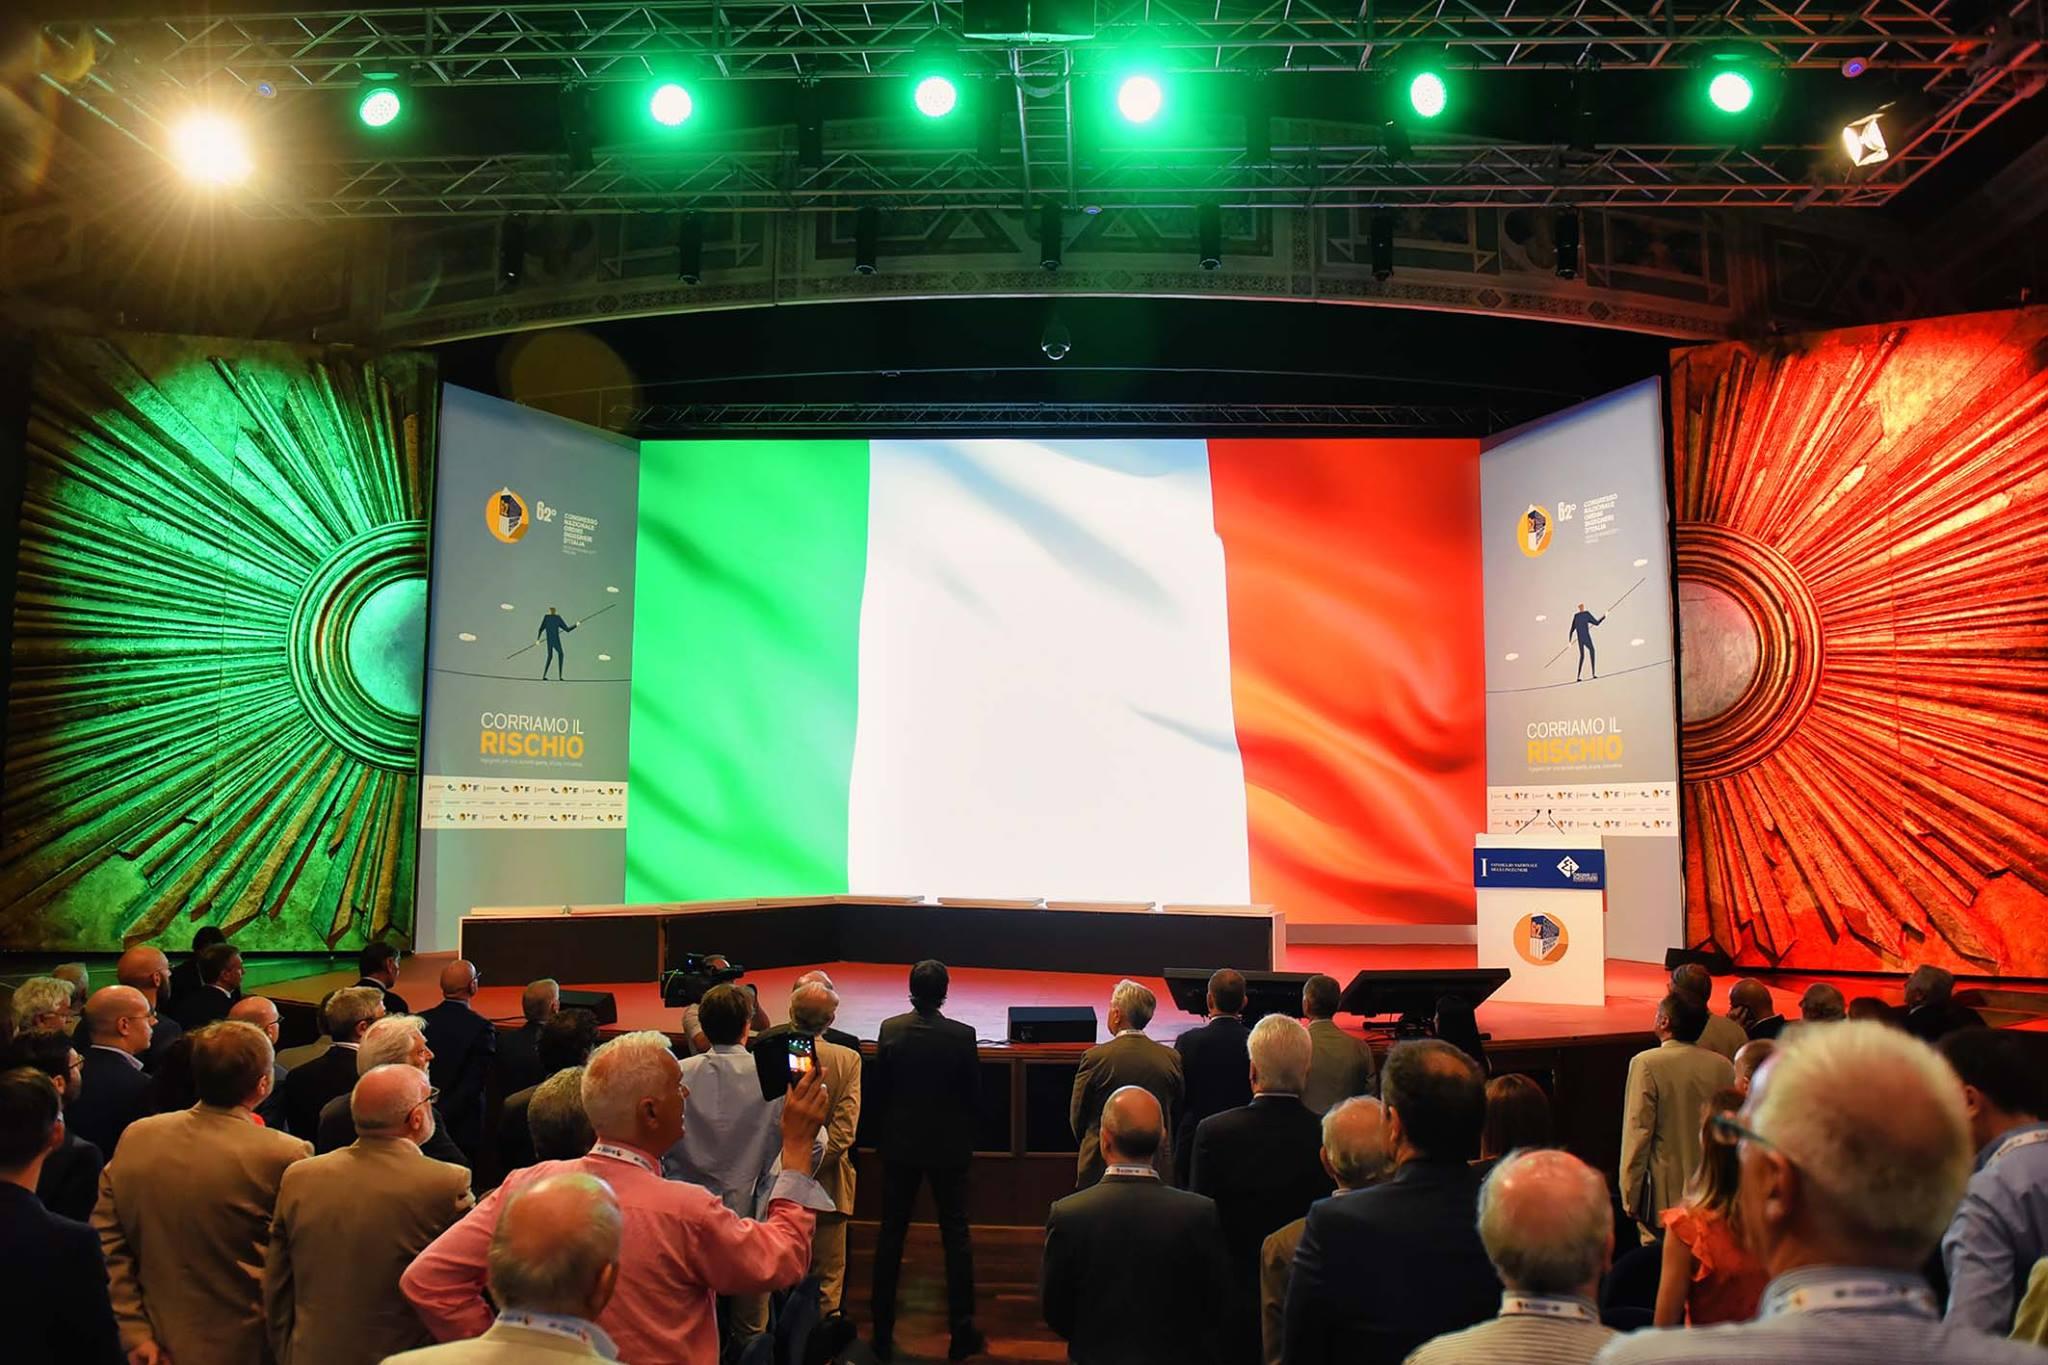 Il palco del Congresso nazionale ingegneri (C) FB Congresso nazionale ingegneri